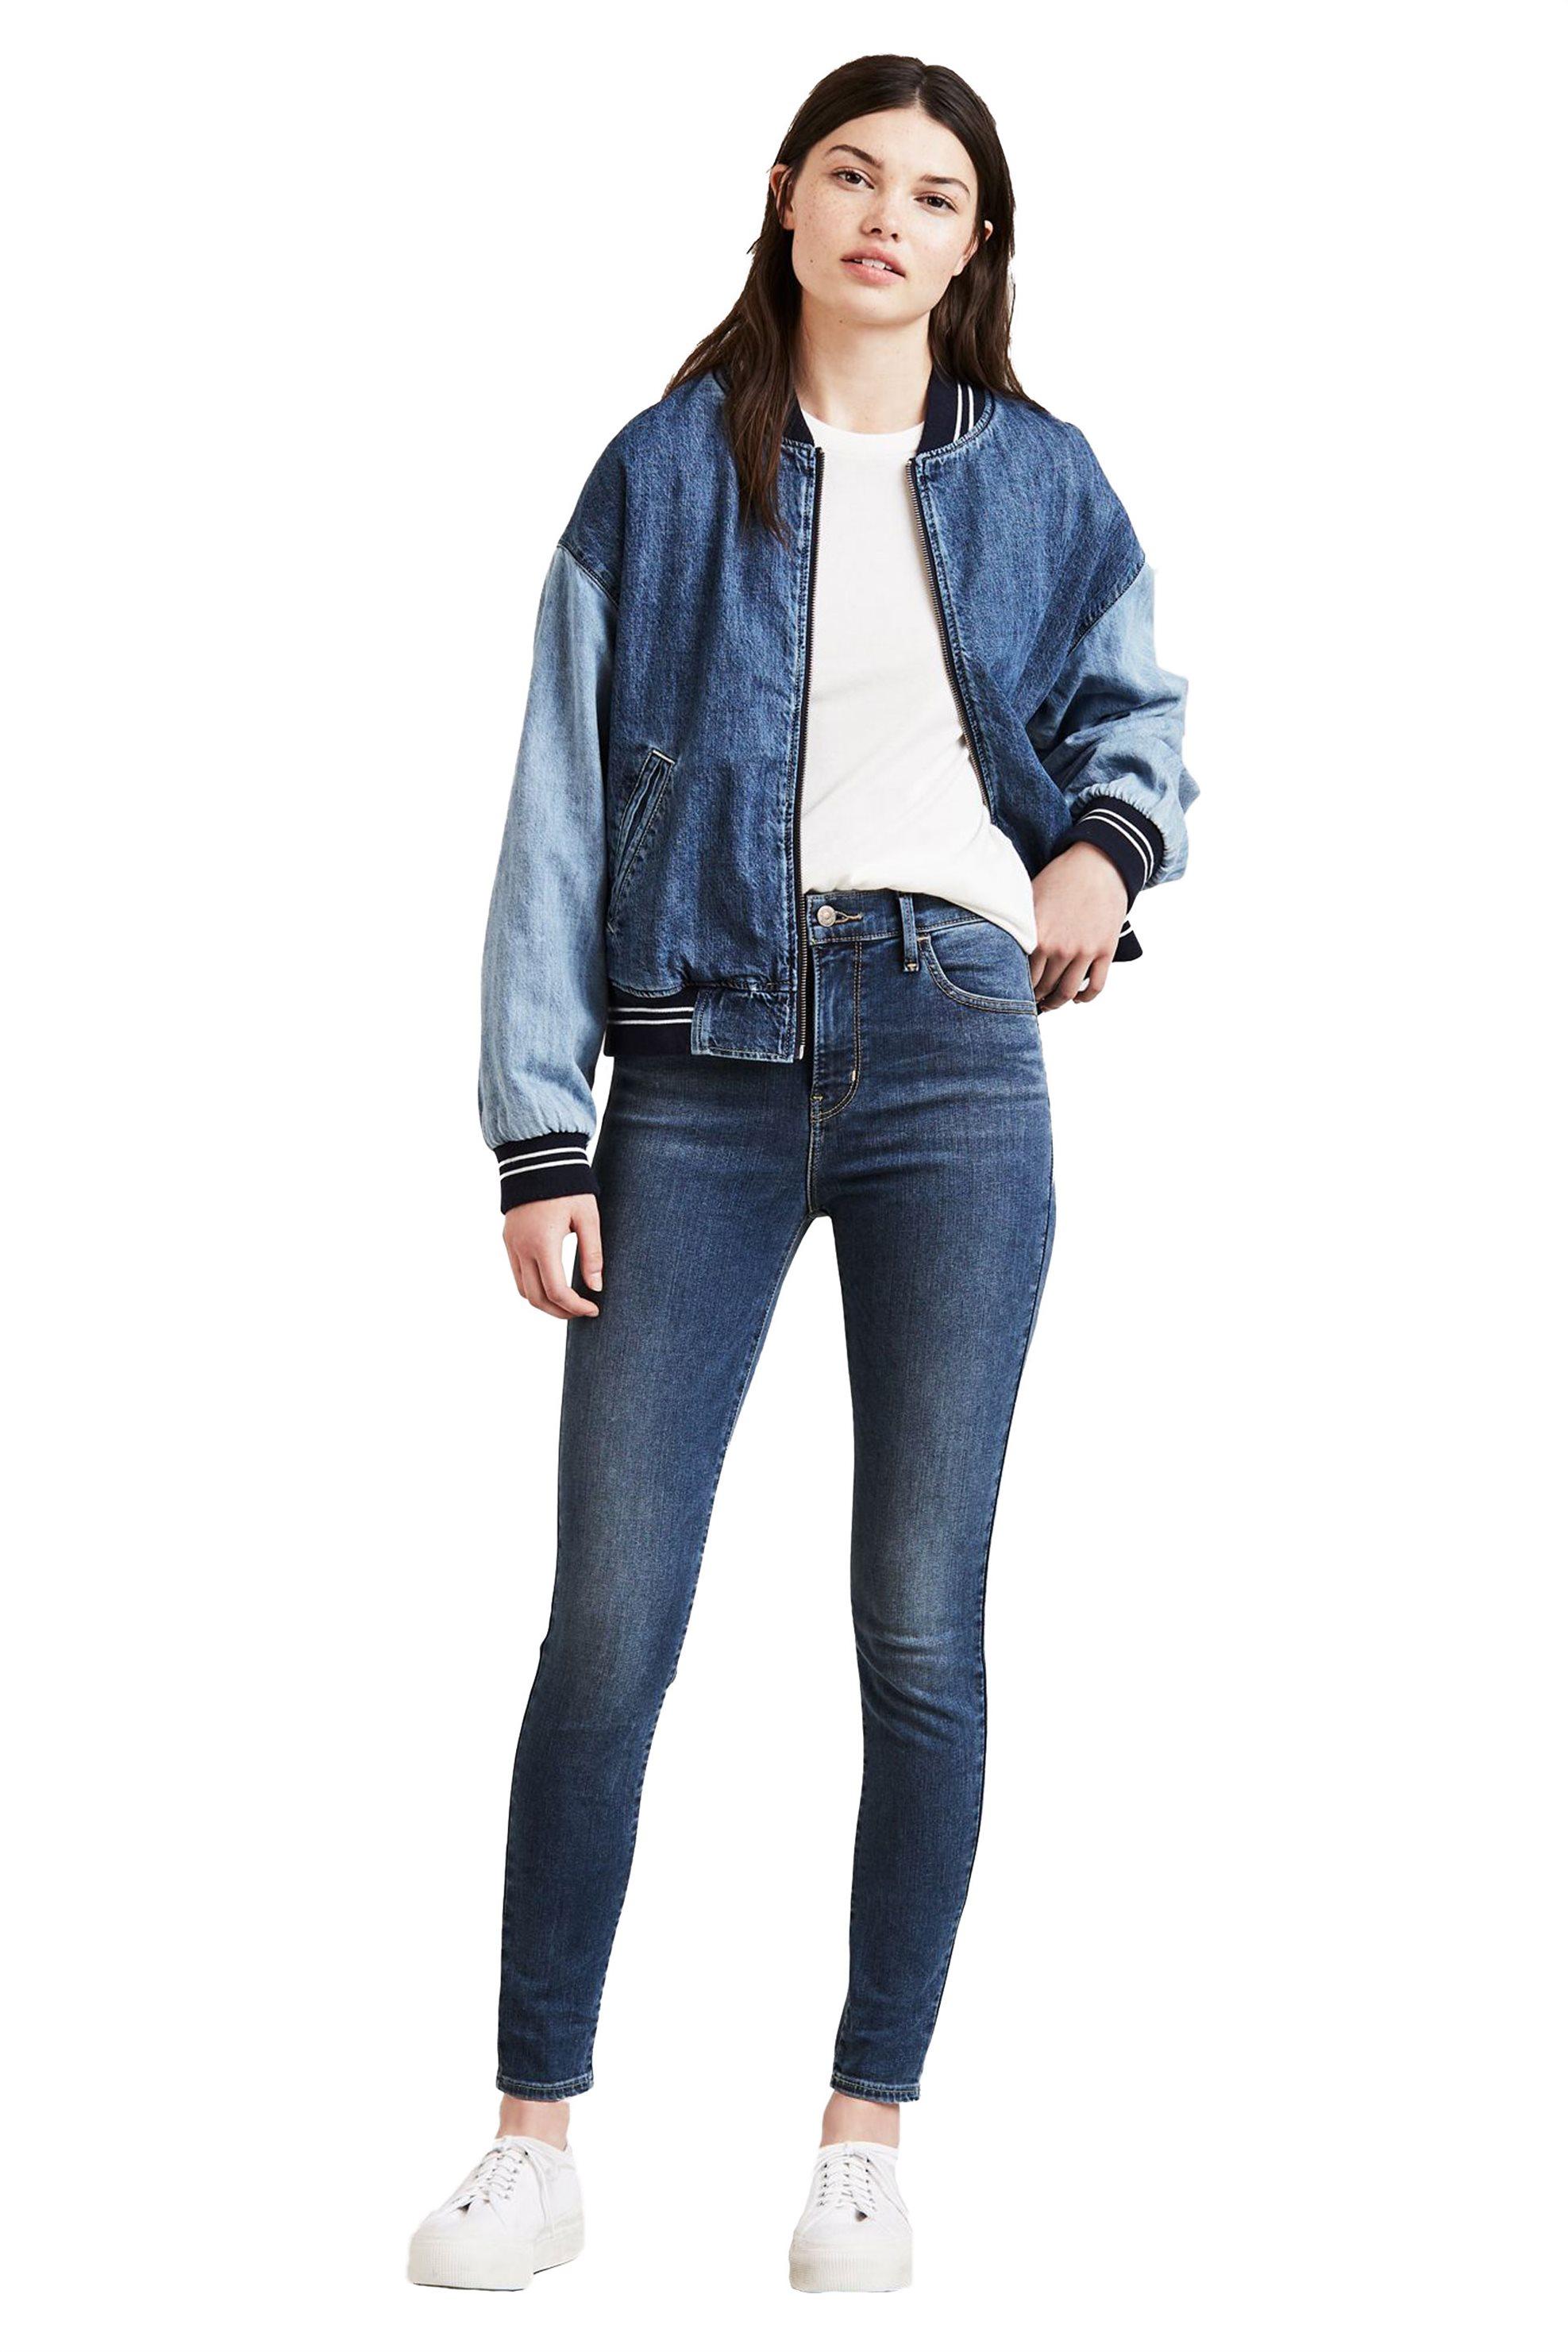 Notos Levi s γυναικείο τζην παντελόνι 720 High Rise Super Skinny (32L) -  5279700-18 76d360ba78d